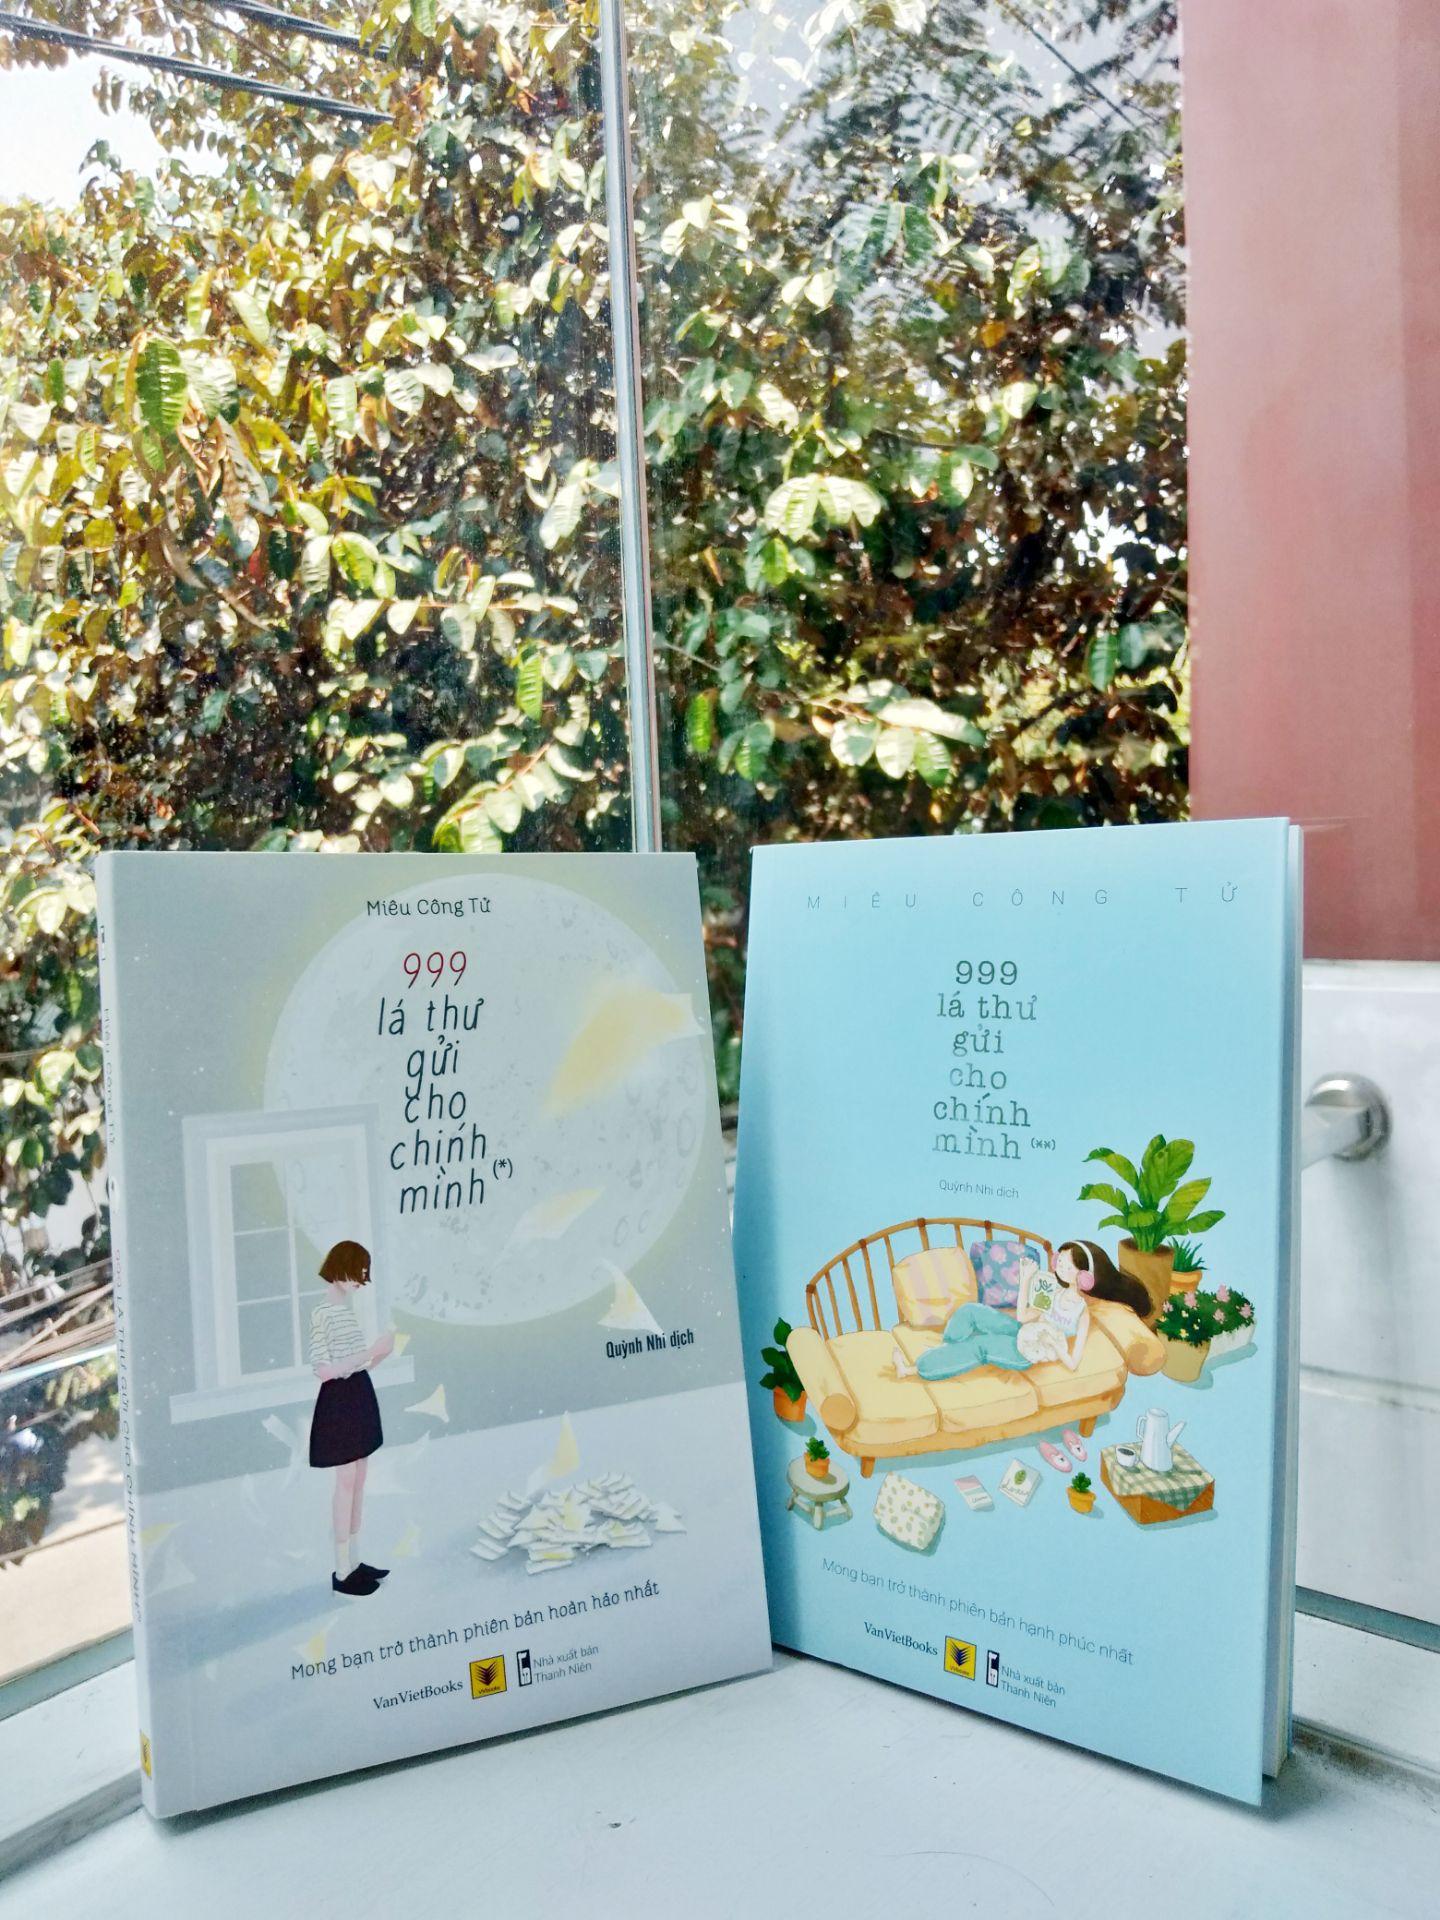 Deal Ưu Đãi Combo 999 Lá Thư Gửi Cho Chính Mình - Tặng Kèm Bookmark (Trọn Bộ 2 Tập)